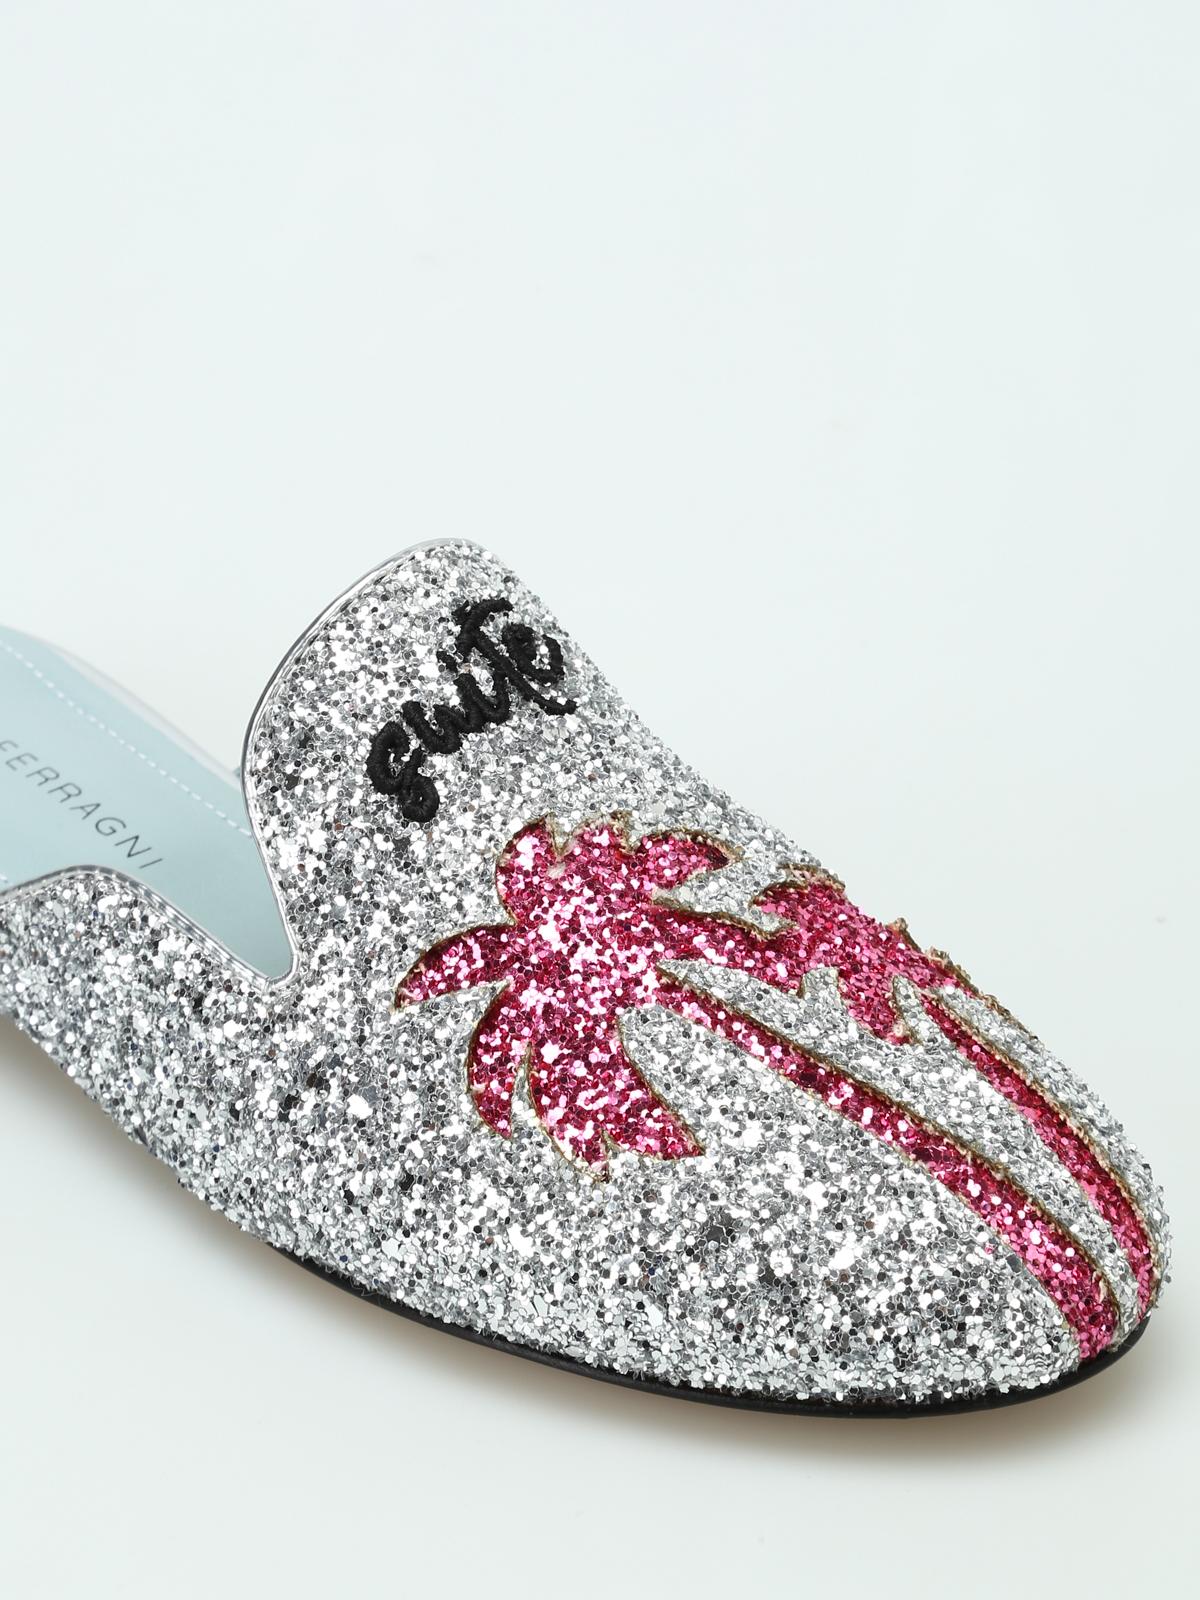 d68b08e56776 Chiara Ferragni - Suite Life silver glitter mules - mules shoes - CF1826